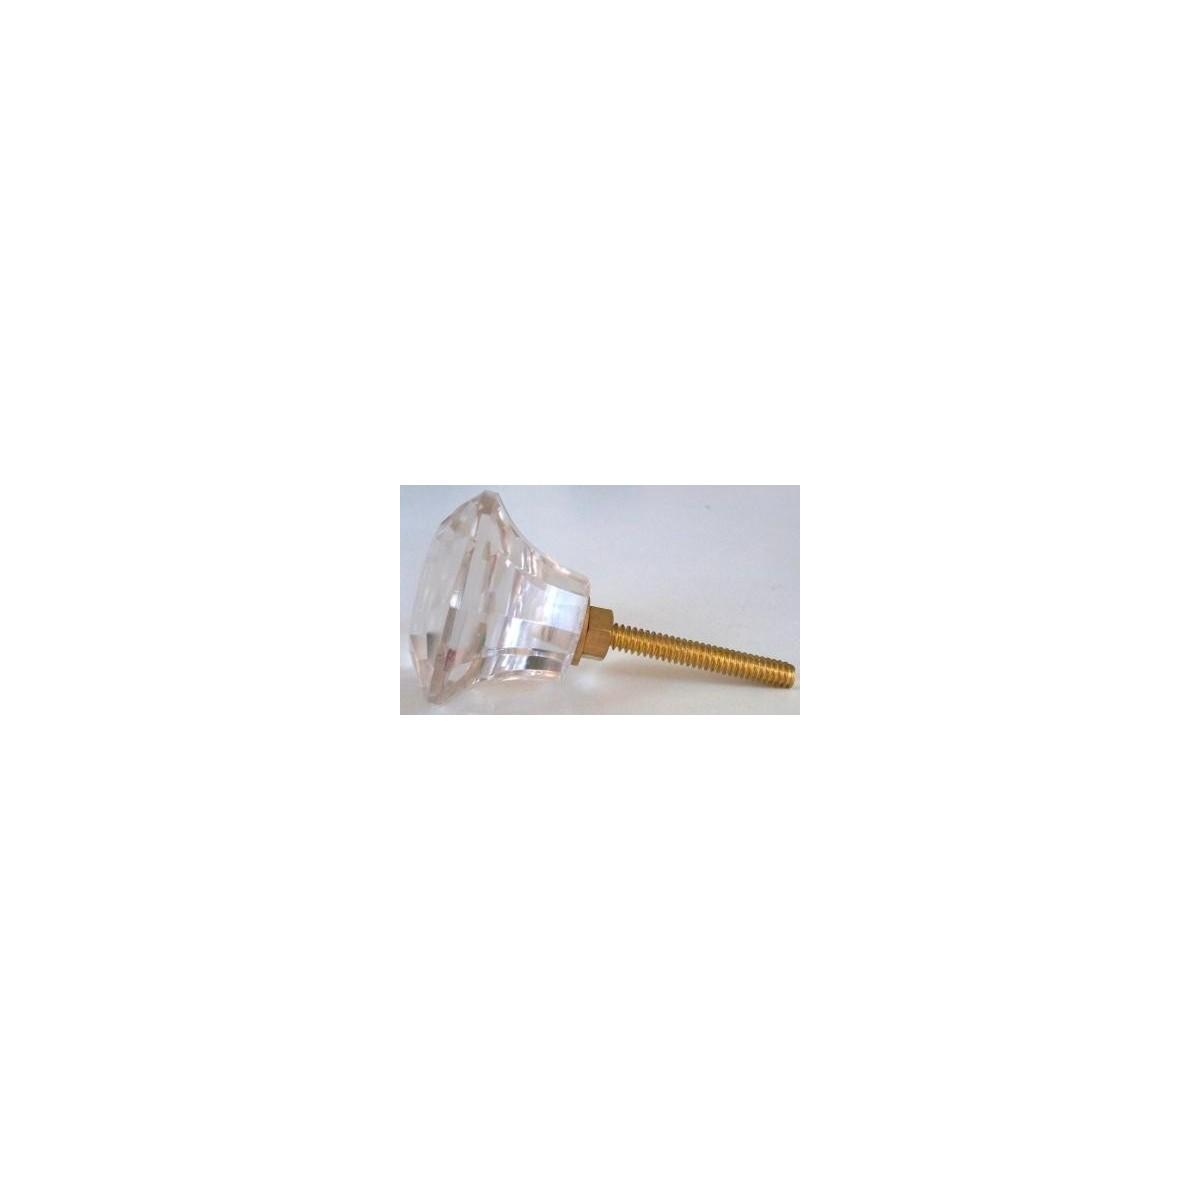 Bouton de meuble cabochon verre transparent boh me 3 90 gl1 - Bouton de meuble en verre ...